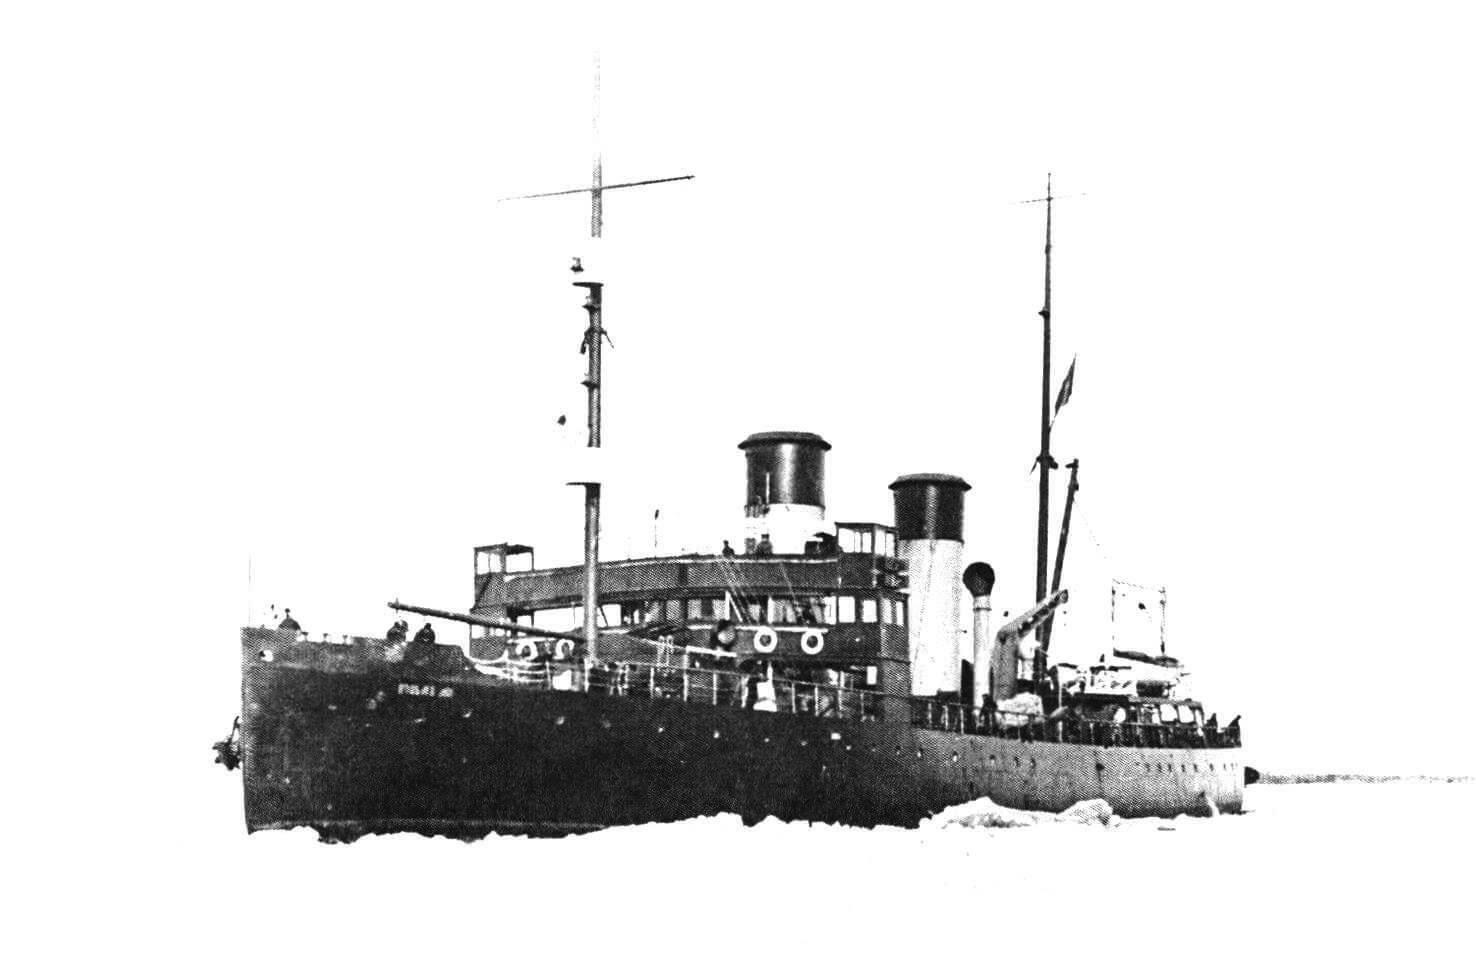 Морской ледокол «Козьма Минин» в устье Северной Двины, 1917 год